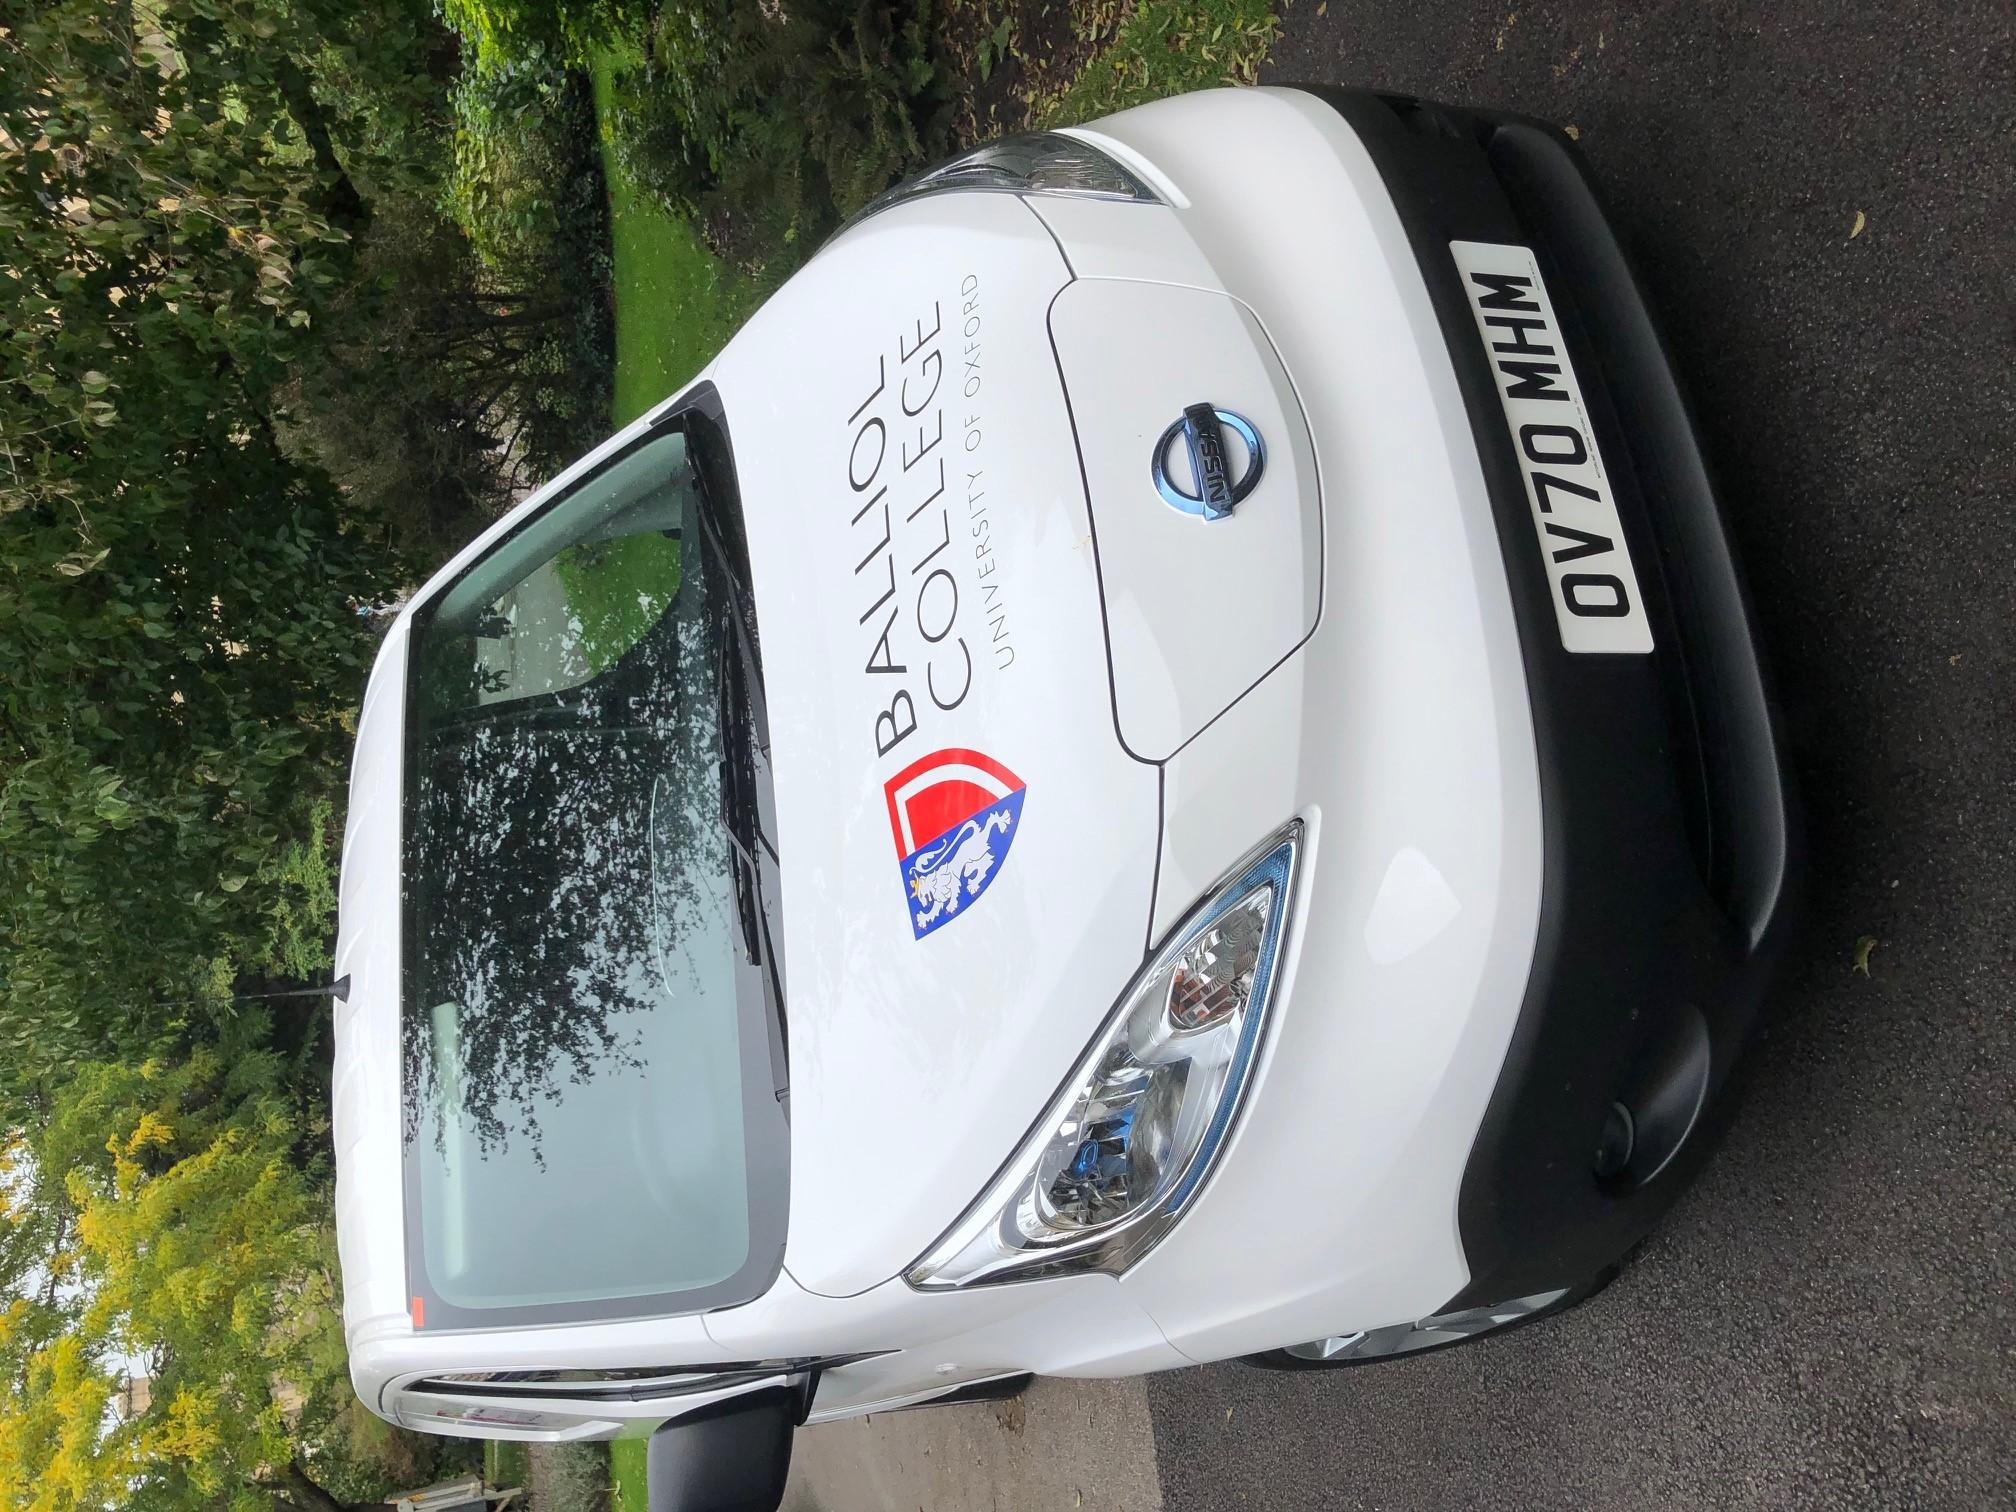 Balliol's electric van - front view